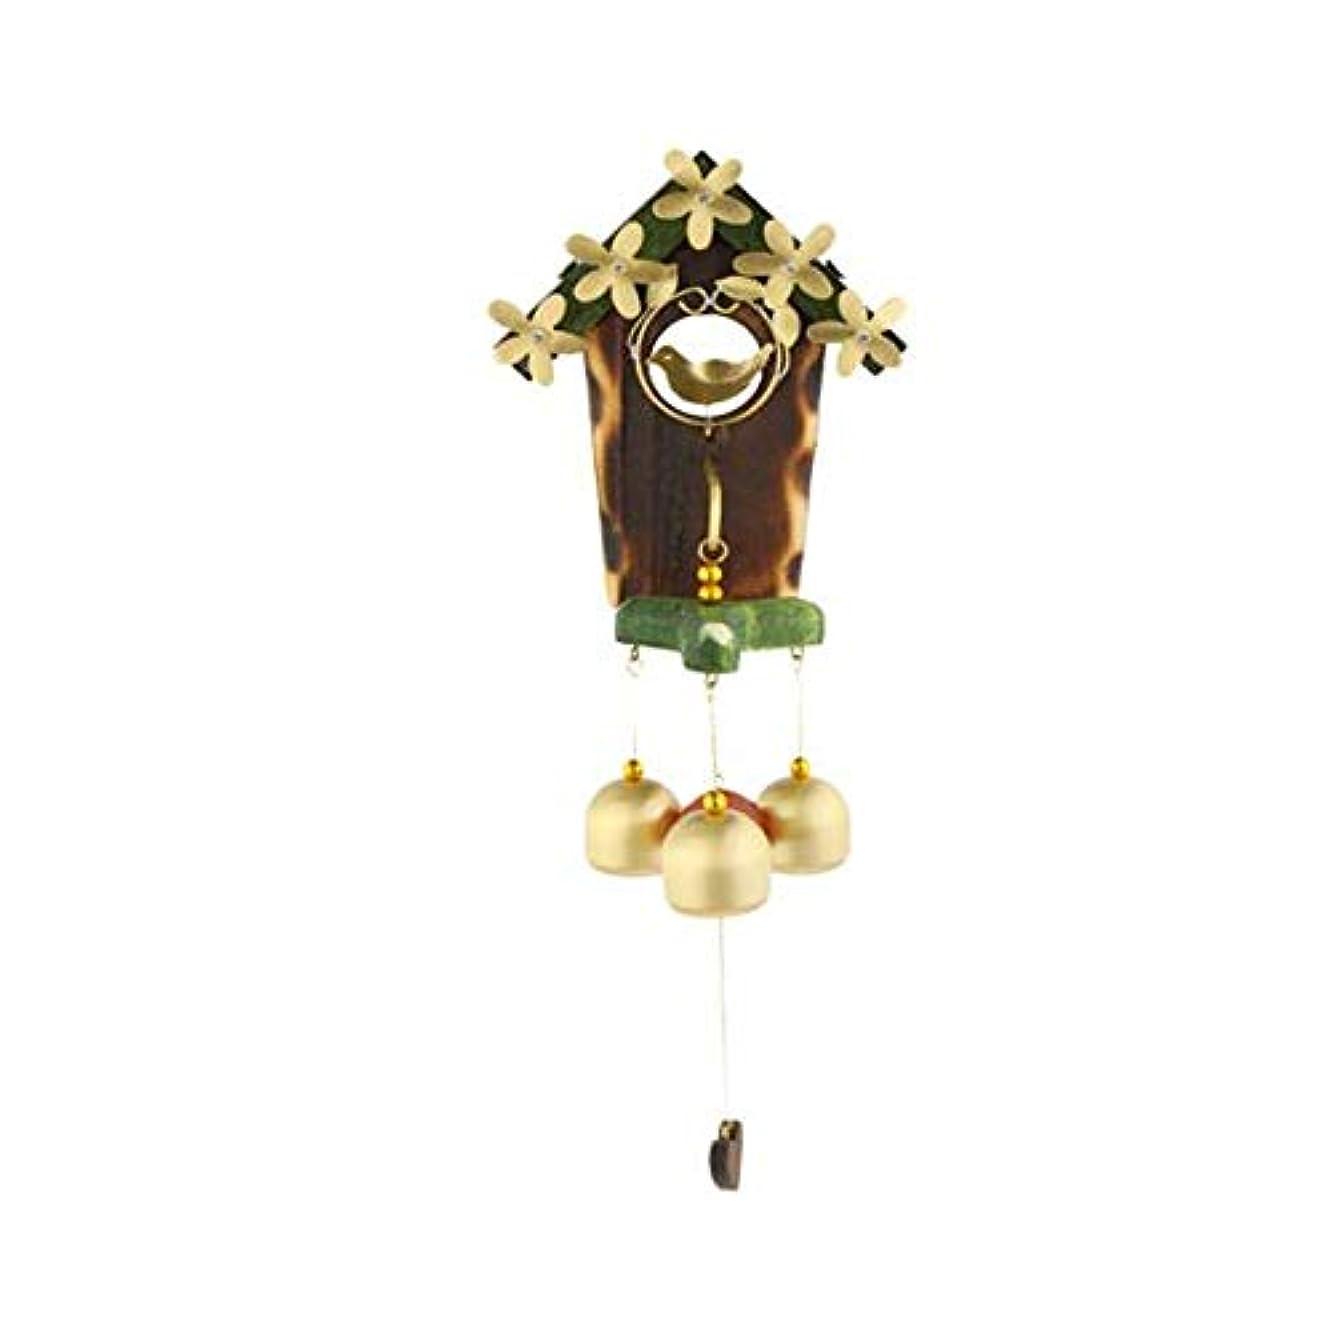 想像力豊かなラバ少数風チャイム、クラシック愛の巣ソリッドウッド銅鳥風チャイム、メタル風チャイム、ベッドルームバルコニーのドアの装飾、マグネット自吸式ドアベル (Color : 2, Size : 30cm)